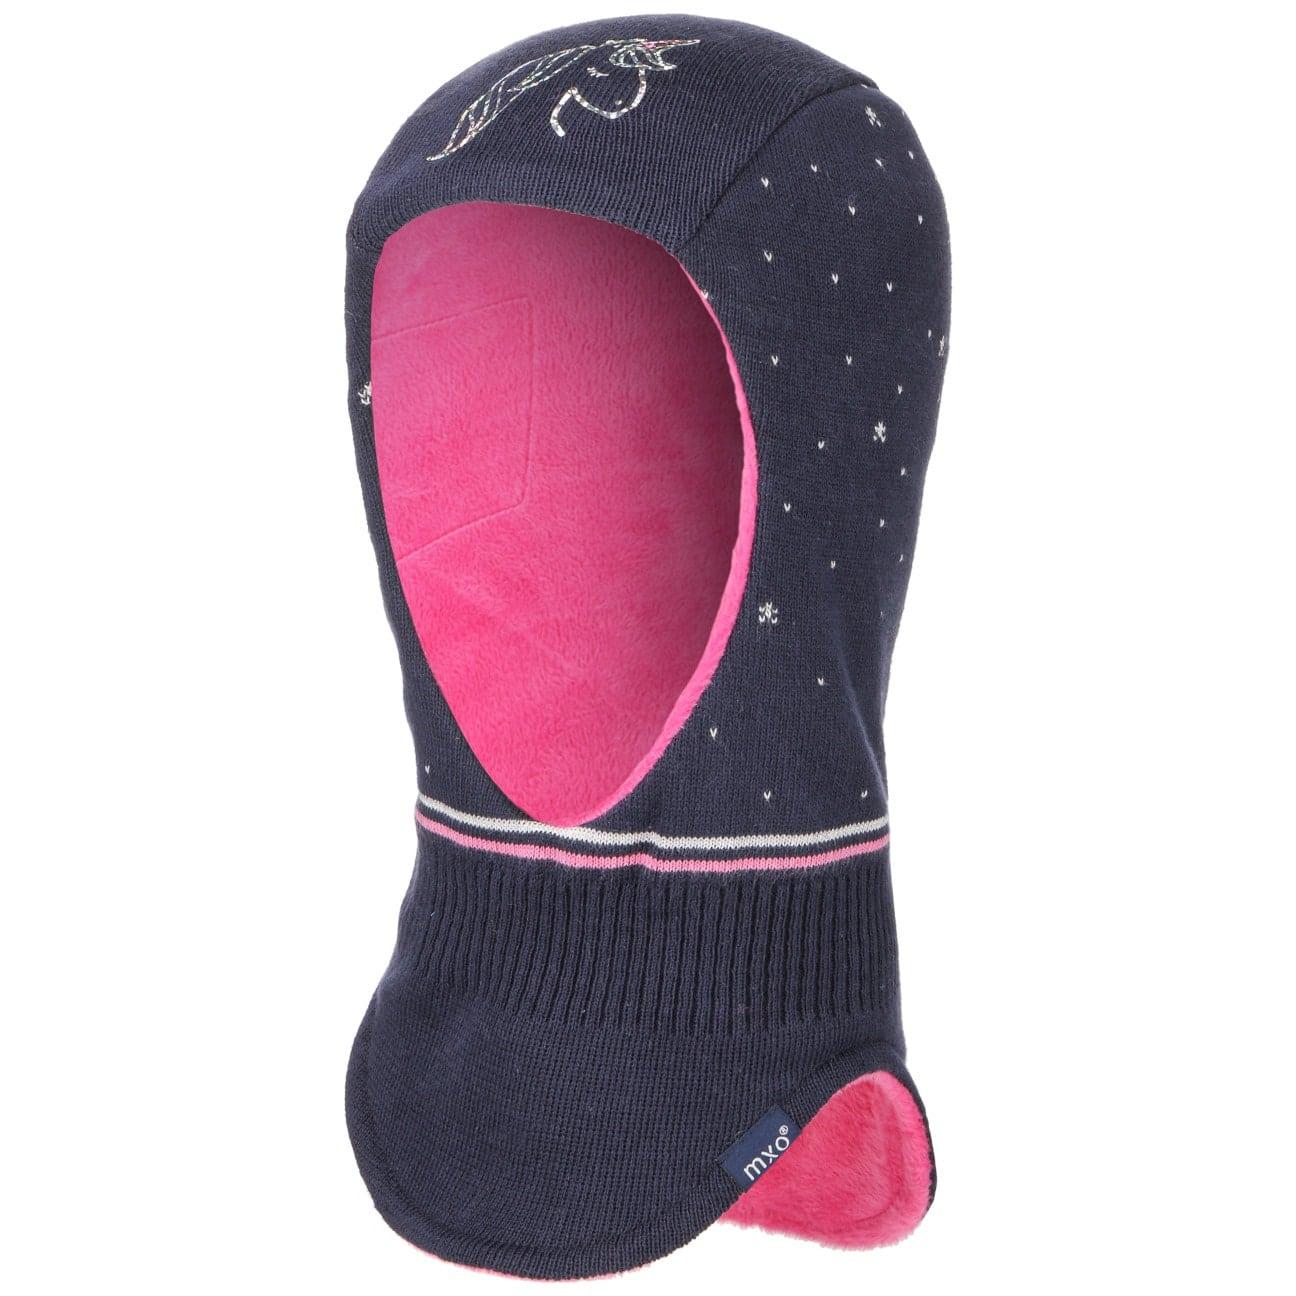 Cagoule pour Enfant Milanta by maximo  bonnet en tricot